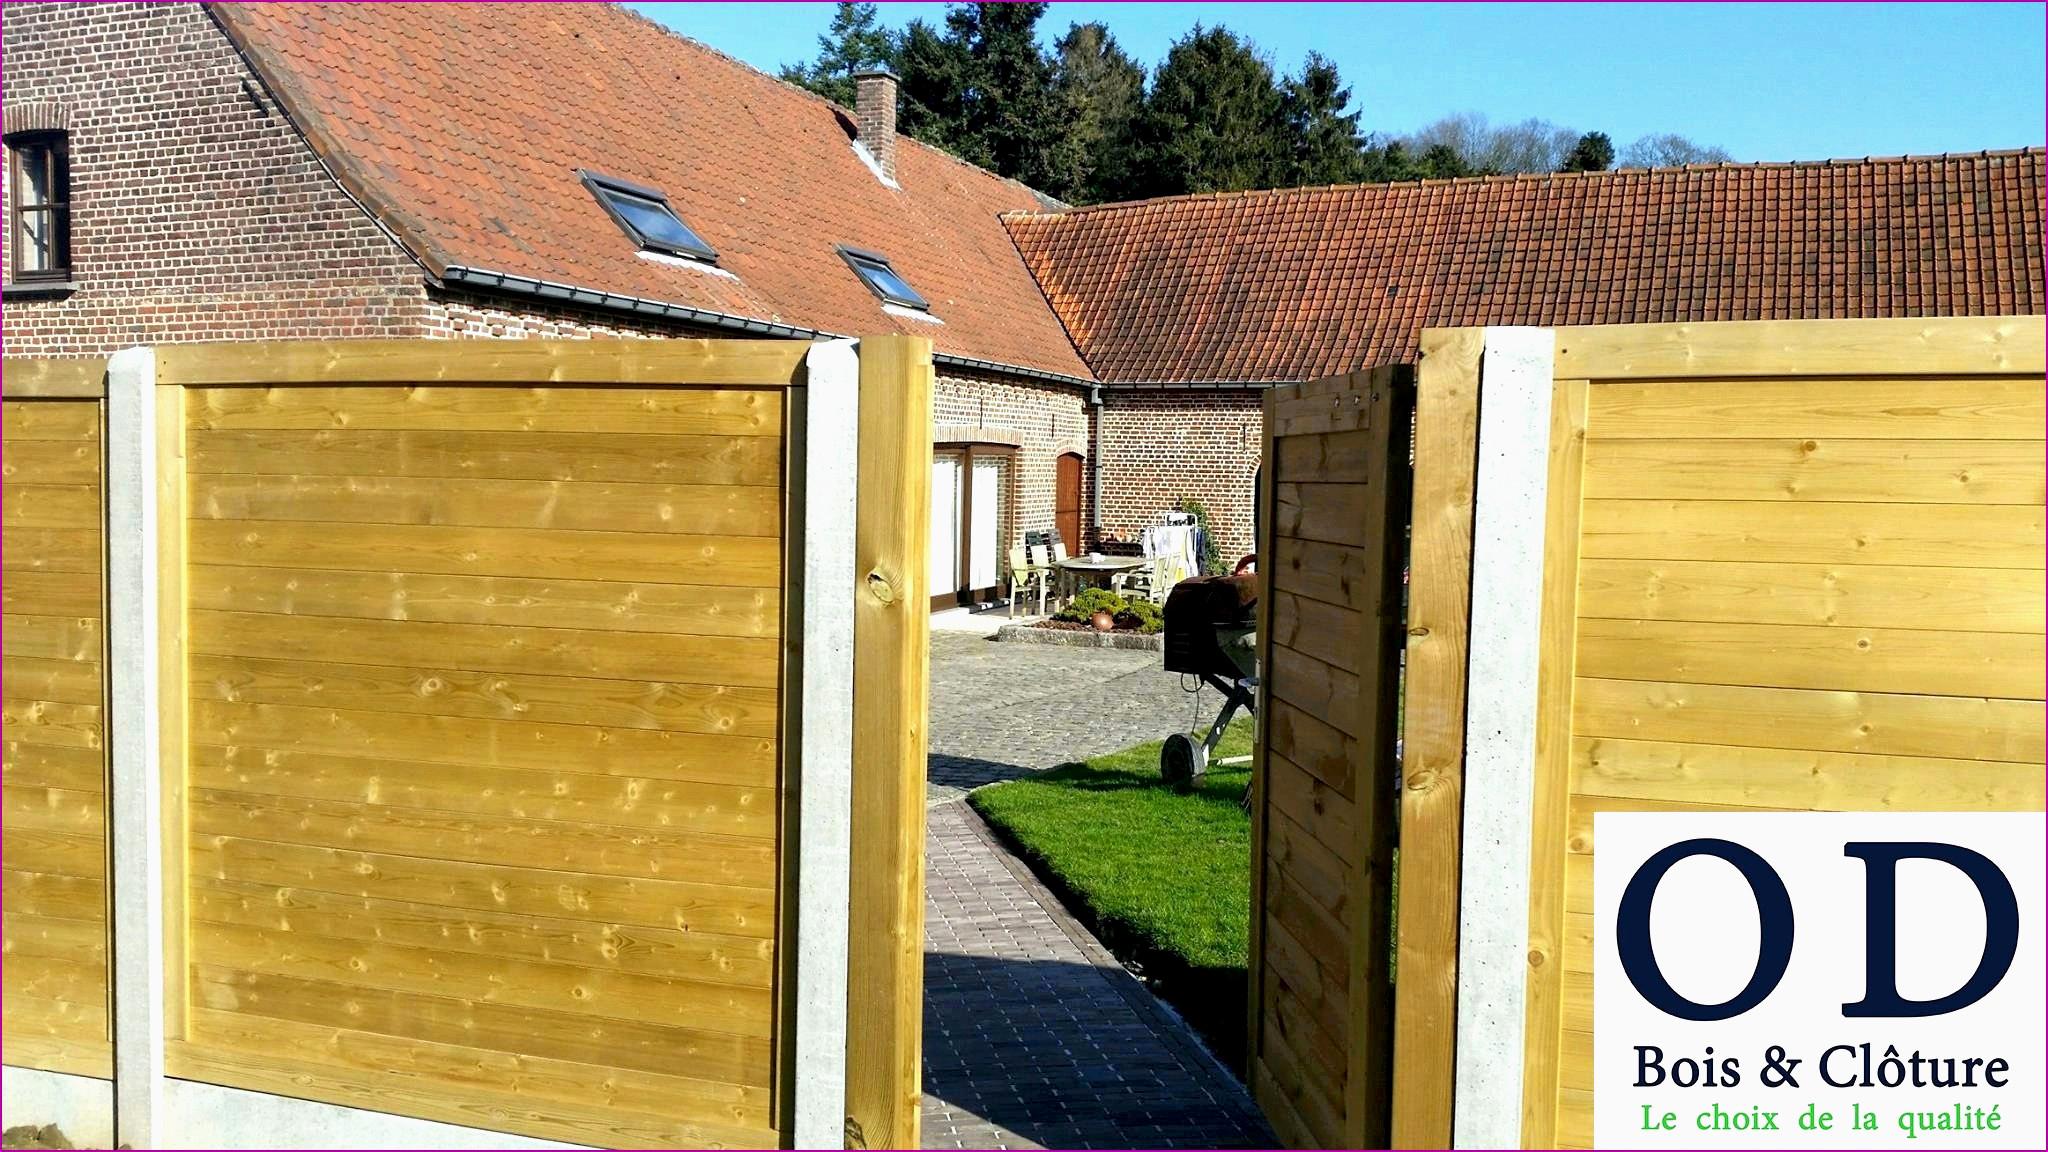 salon de jardin haute qualite frais deco wc jardin de salon de jardin haute qualite